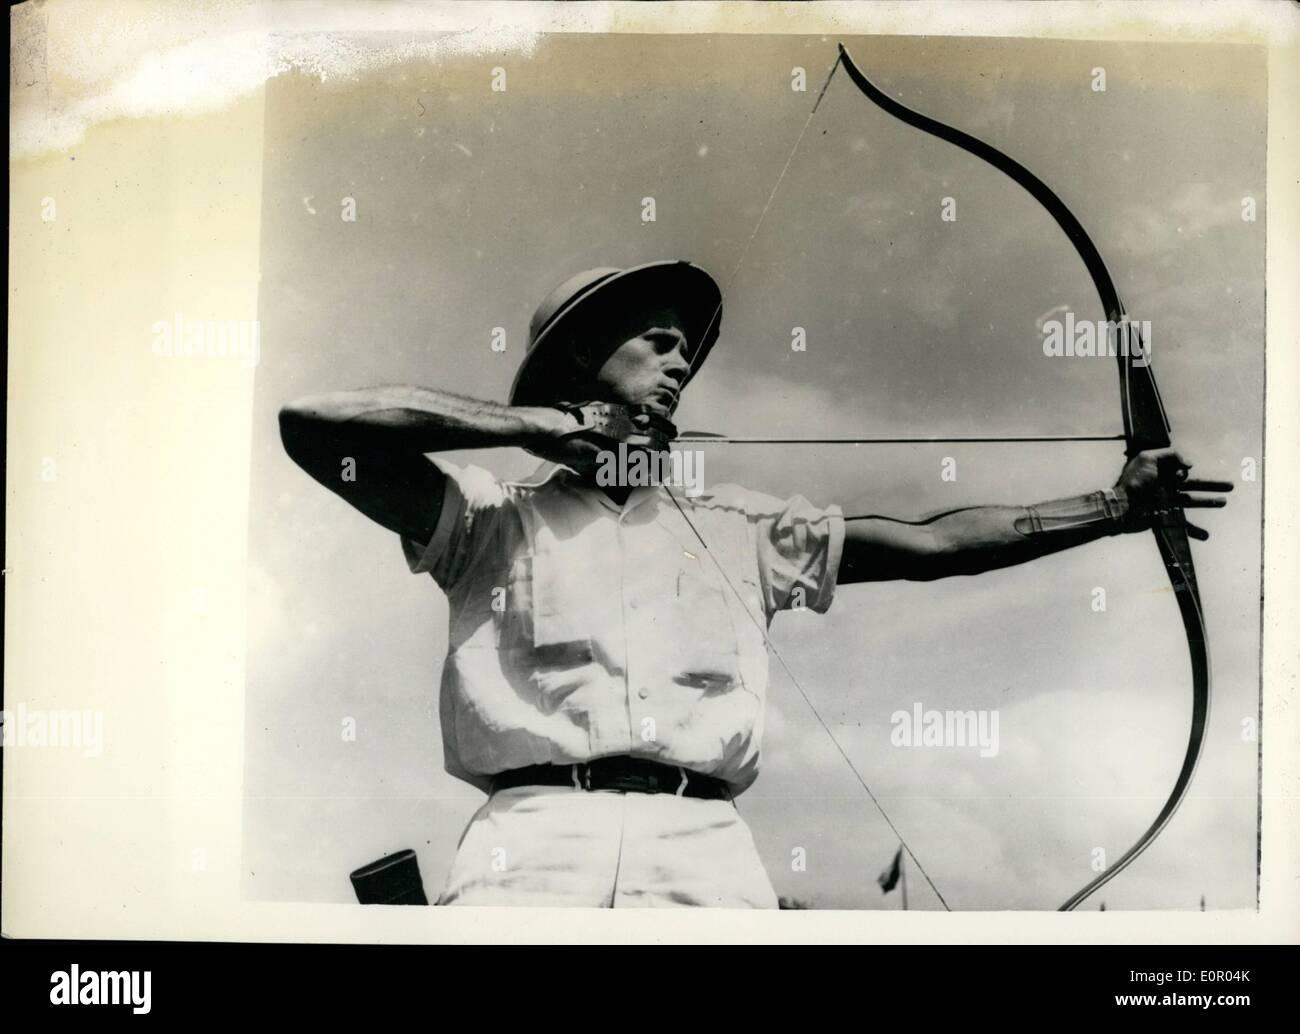 Jul 07, 1957 - American hombres y mujeres toman cuatro primeros lugares en el Campeonato Mundial de tiro con arco en Praga: La American Men's team Imagen De Stock